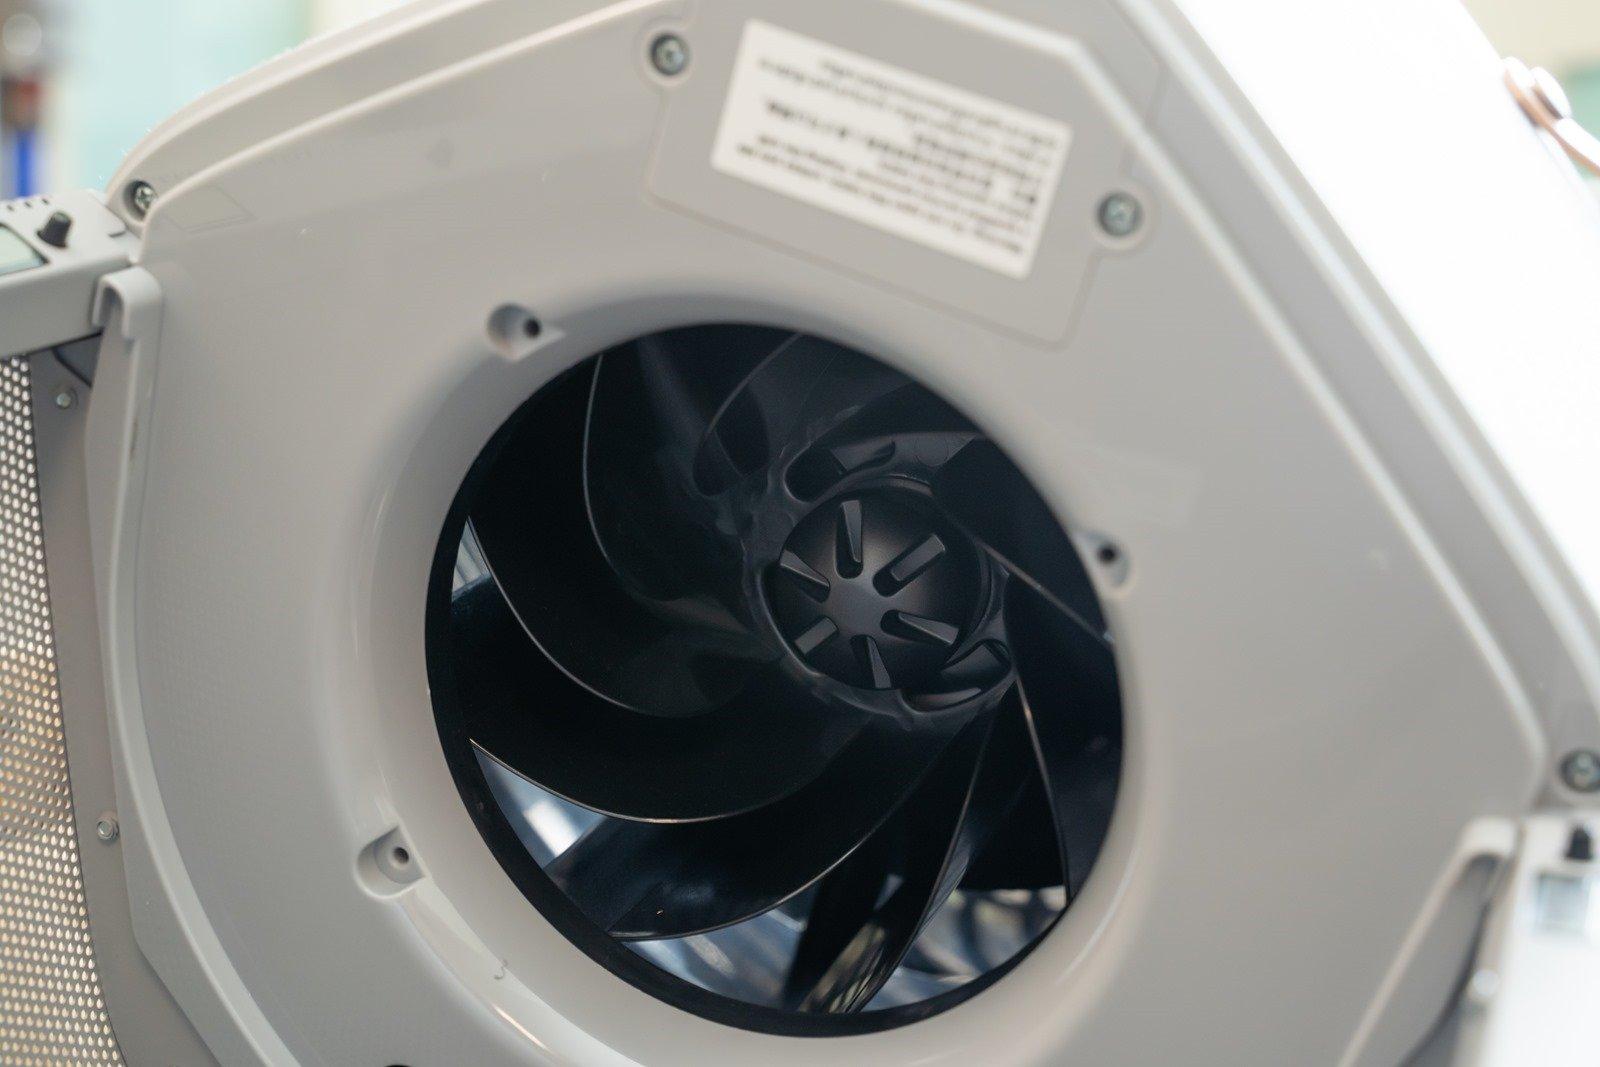 伊萊克斯 PURE A9 高效能抗菌空氣清淨機帶來清新居家的健康好空氣 @3C 達人廖阿輝